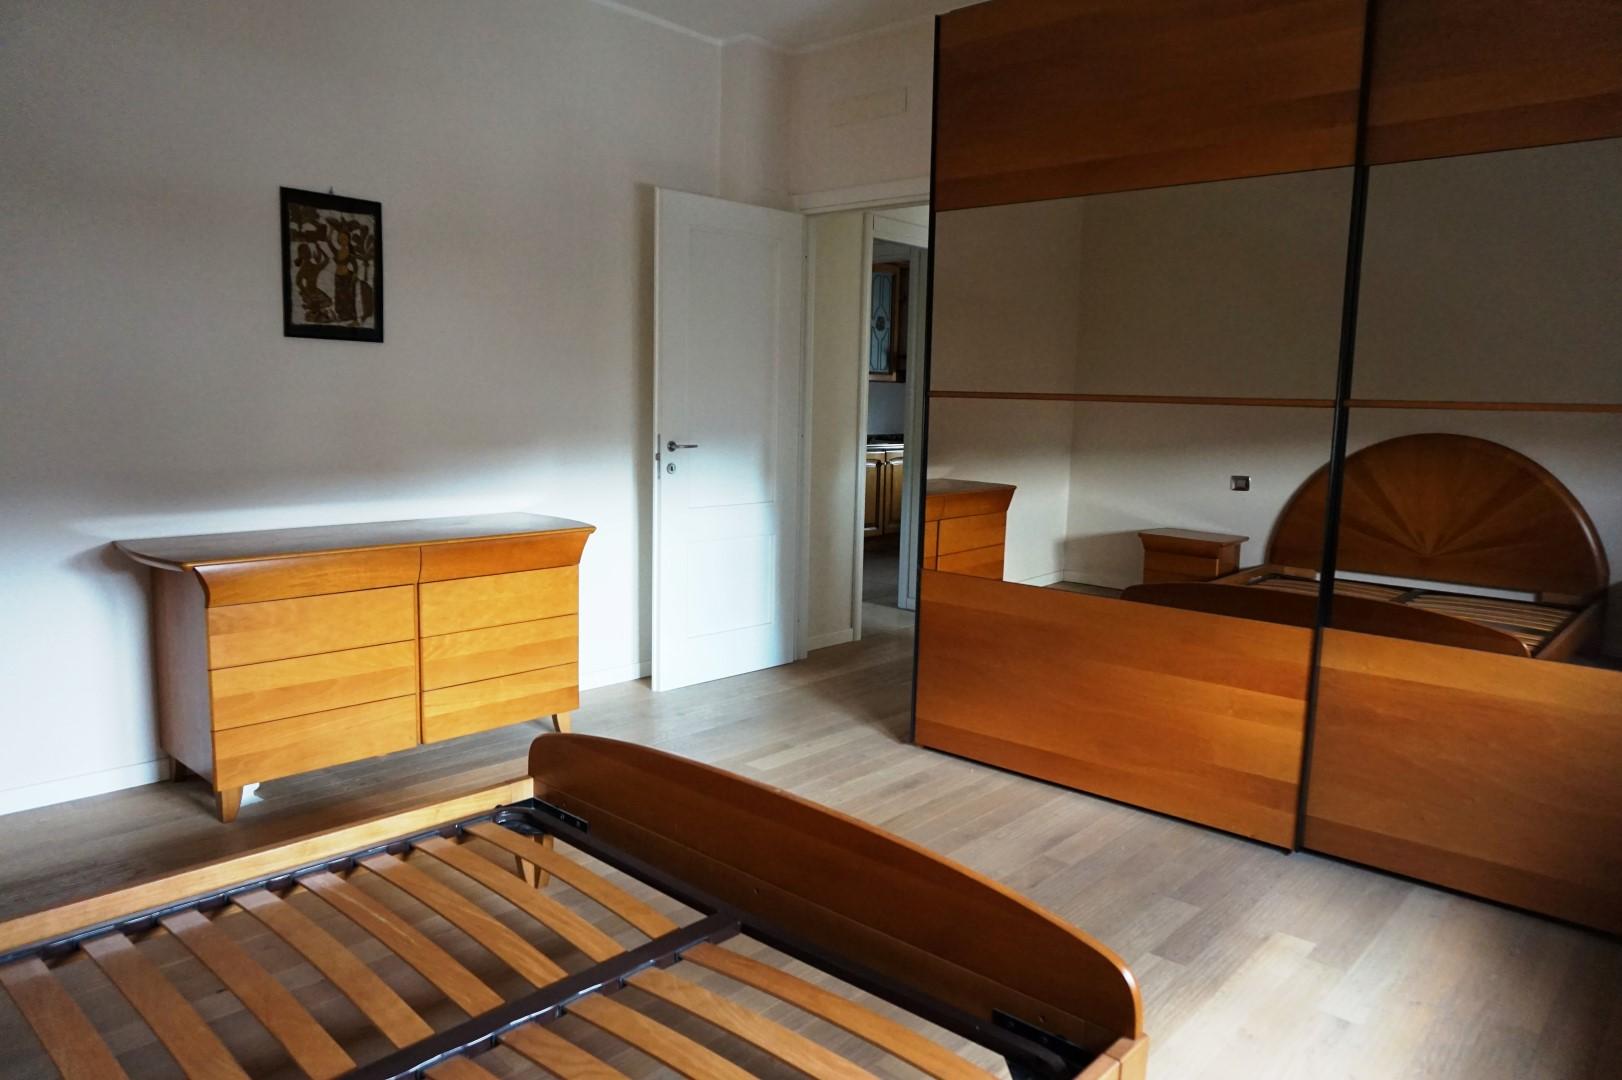 Appartamento trilocale arredato in affitto a petosino for Appartamento in affitto arredato